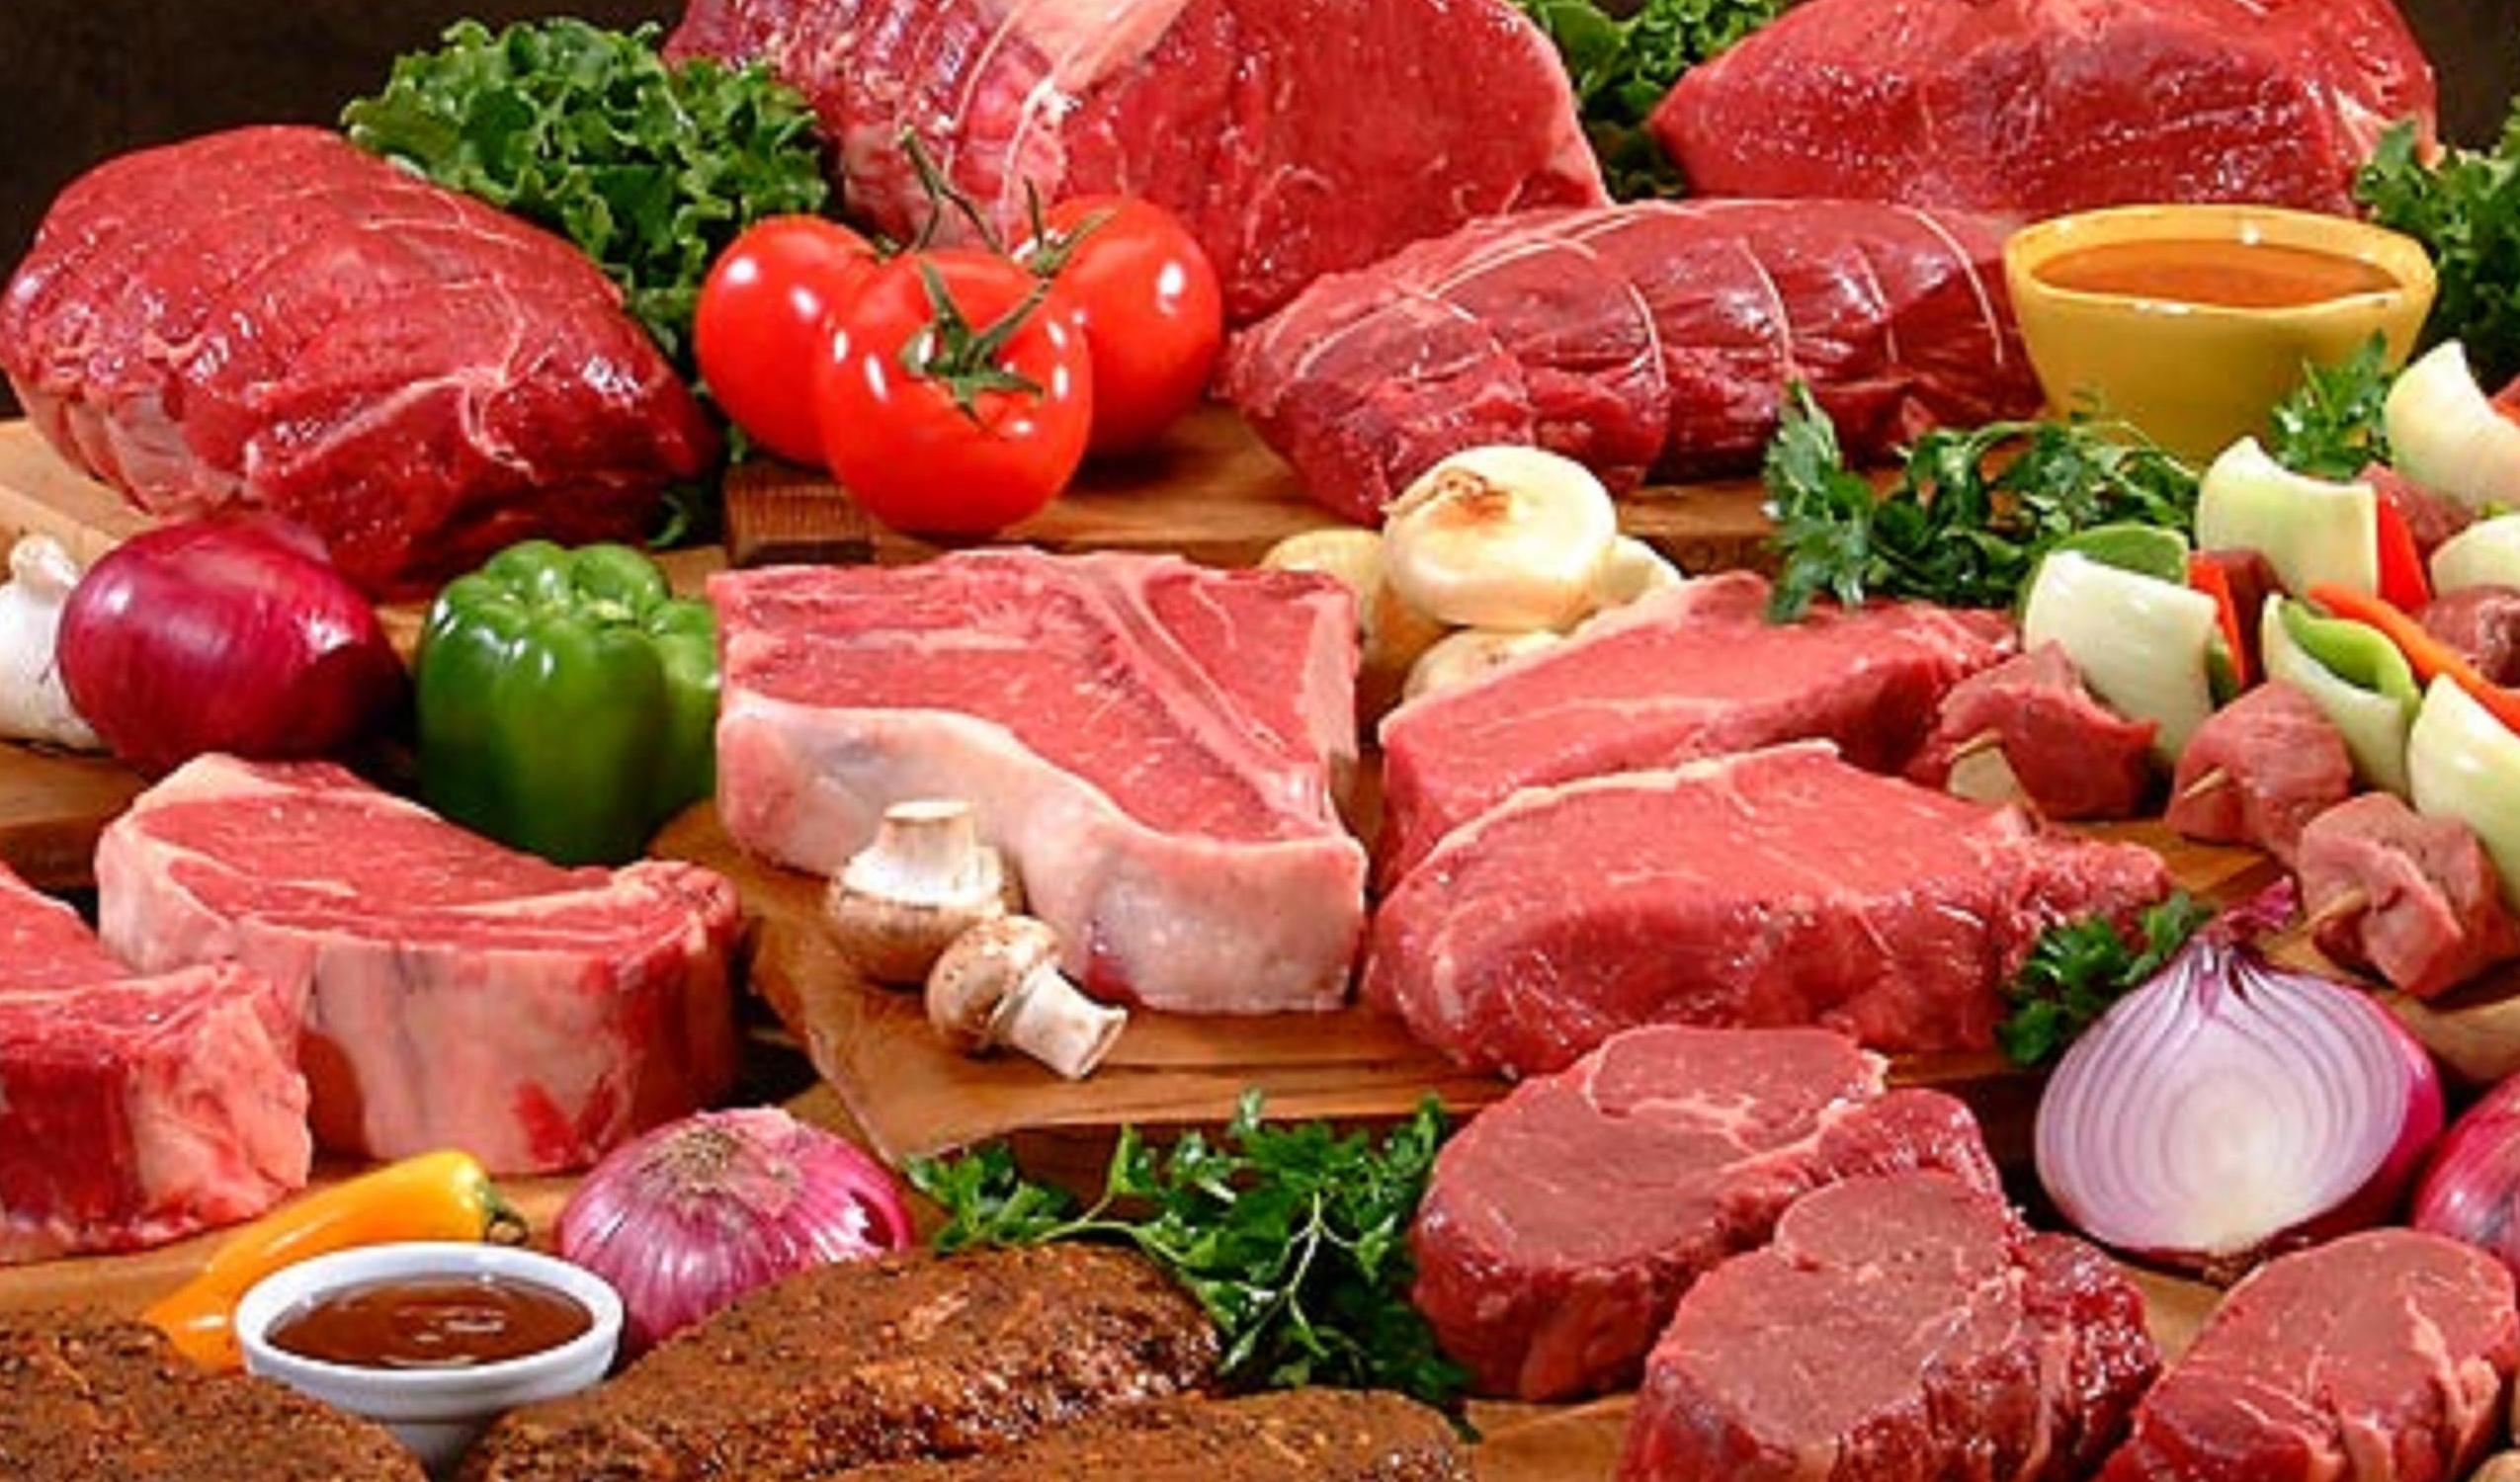 بازار گوشت قرمز فقط هفته اول هر ماه رونق دارد